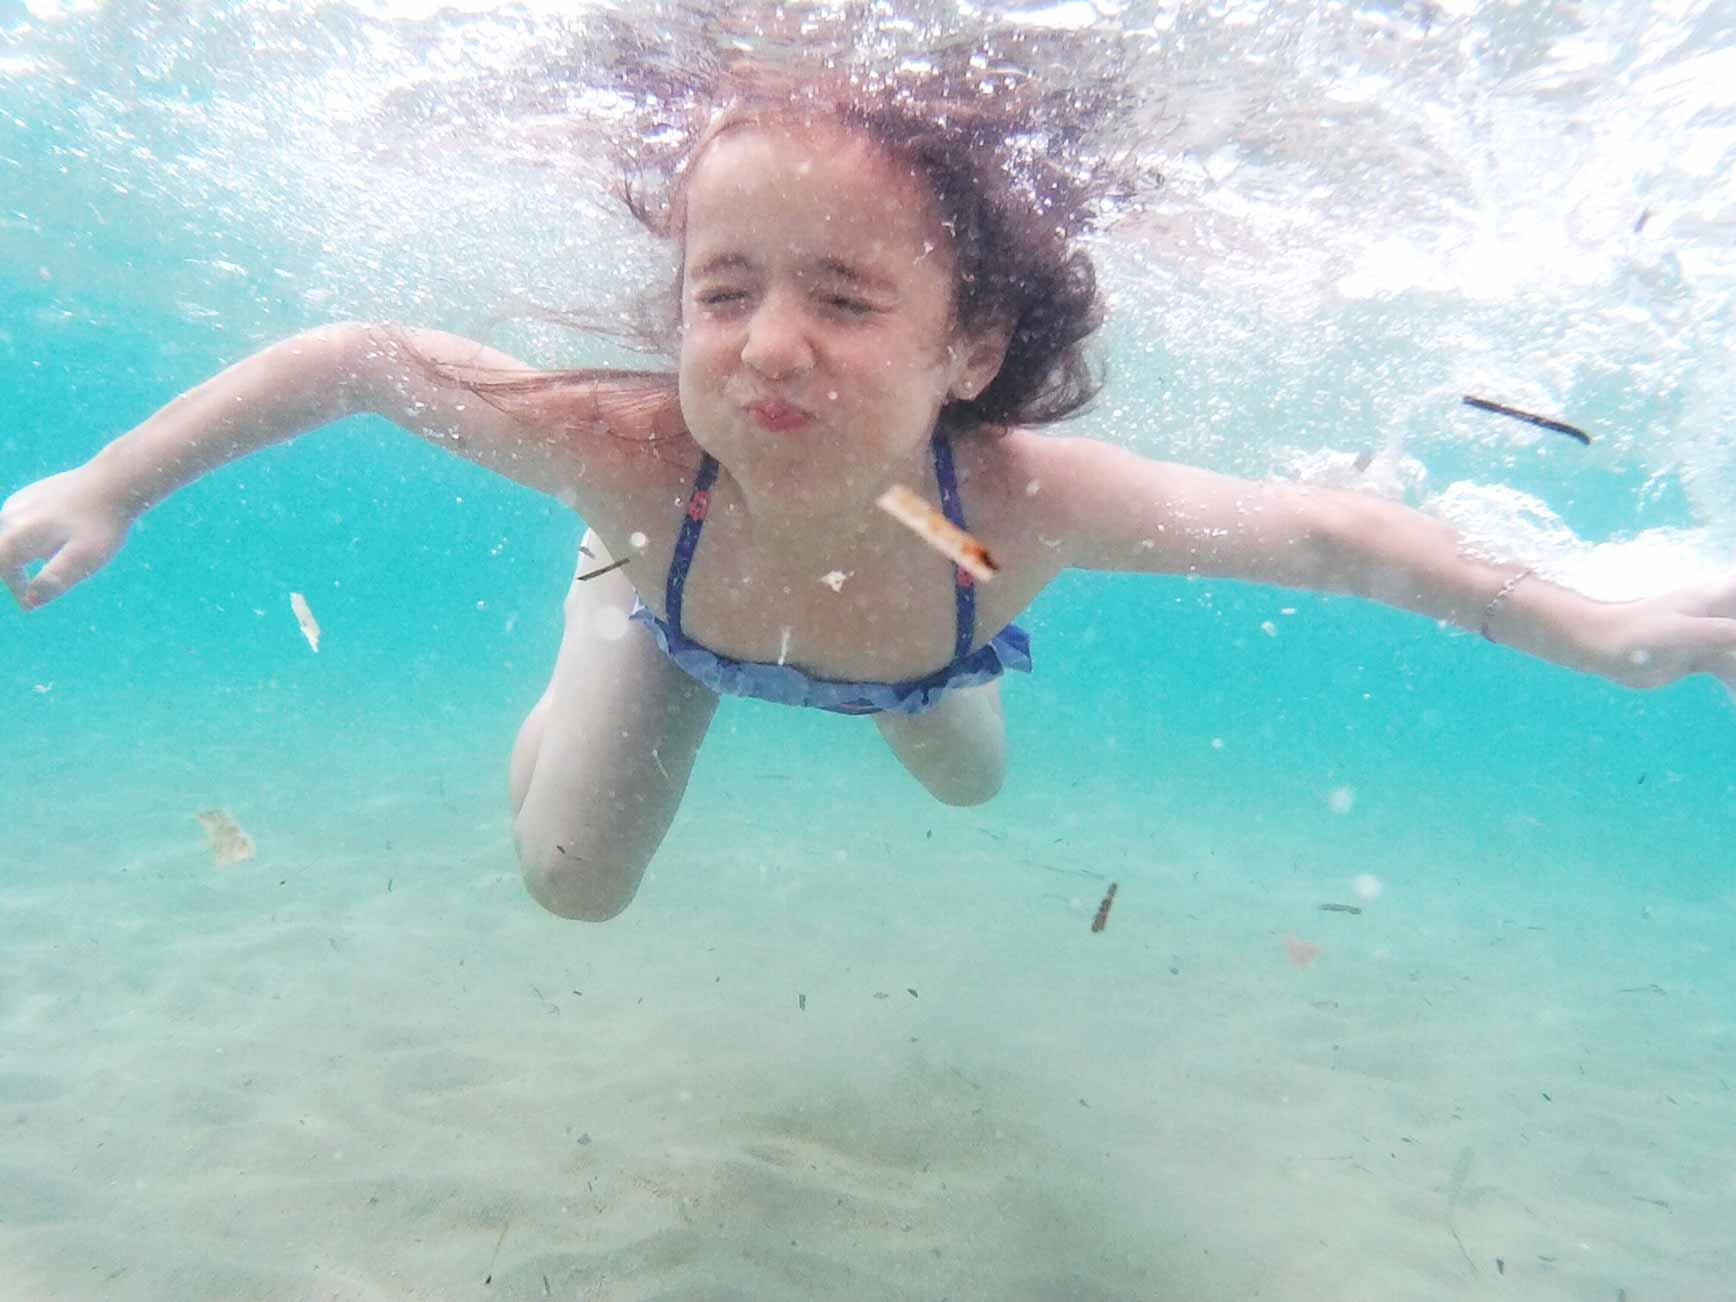 Fotos-bajo-agua-claraBmartin_05